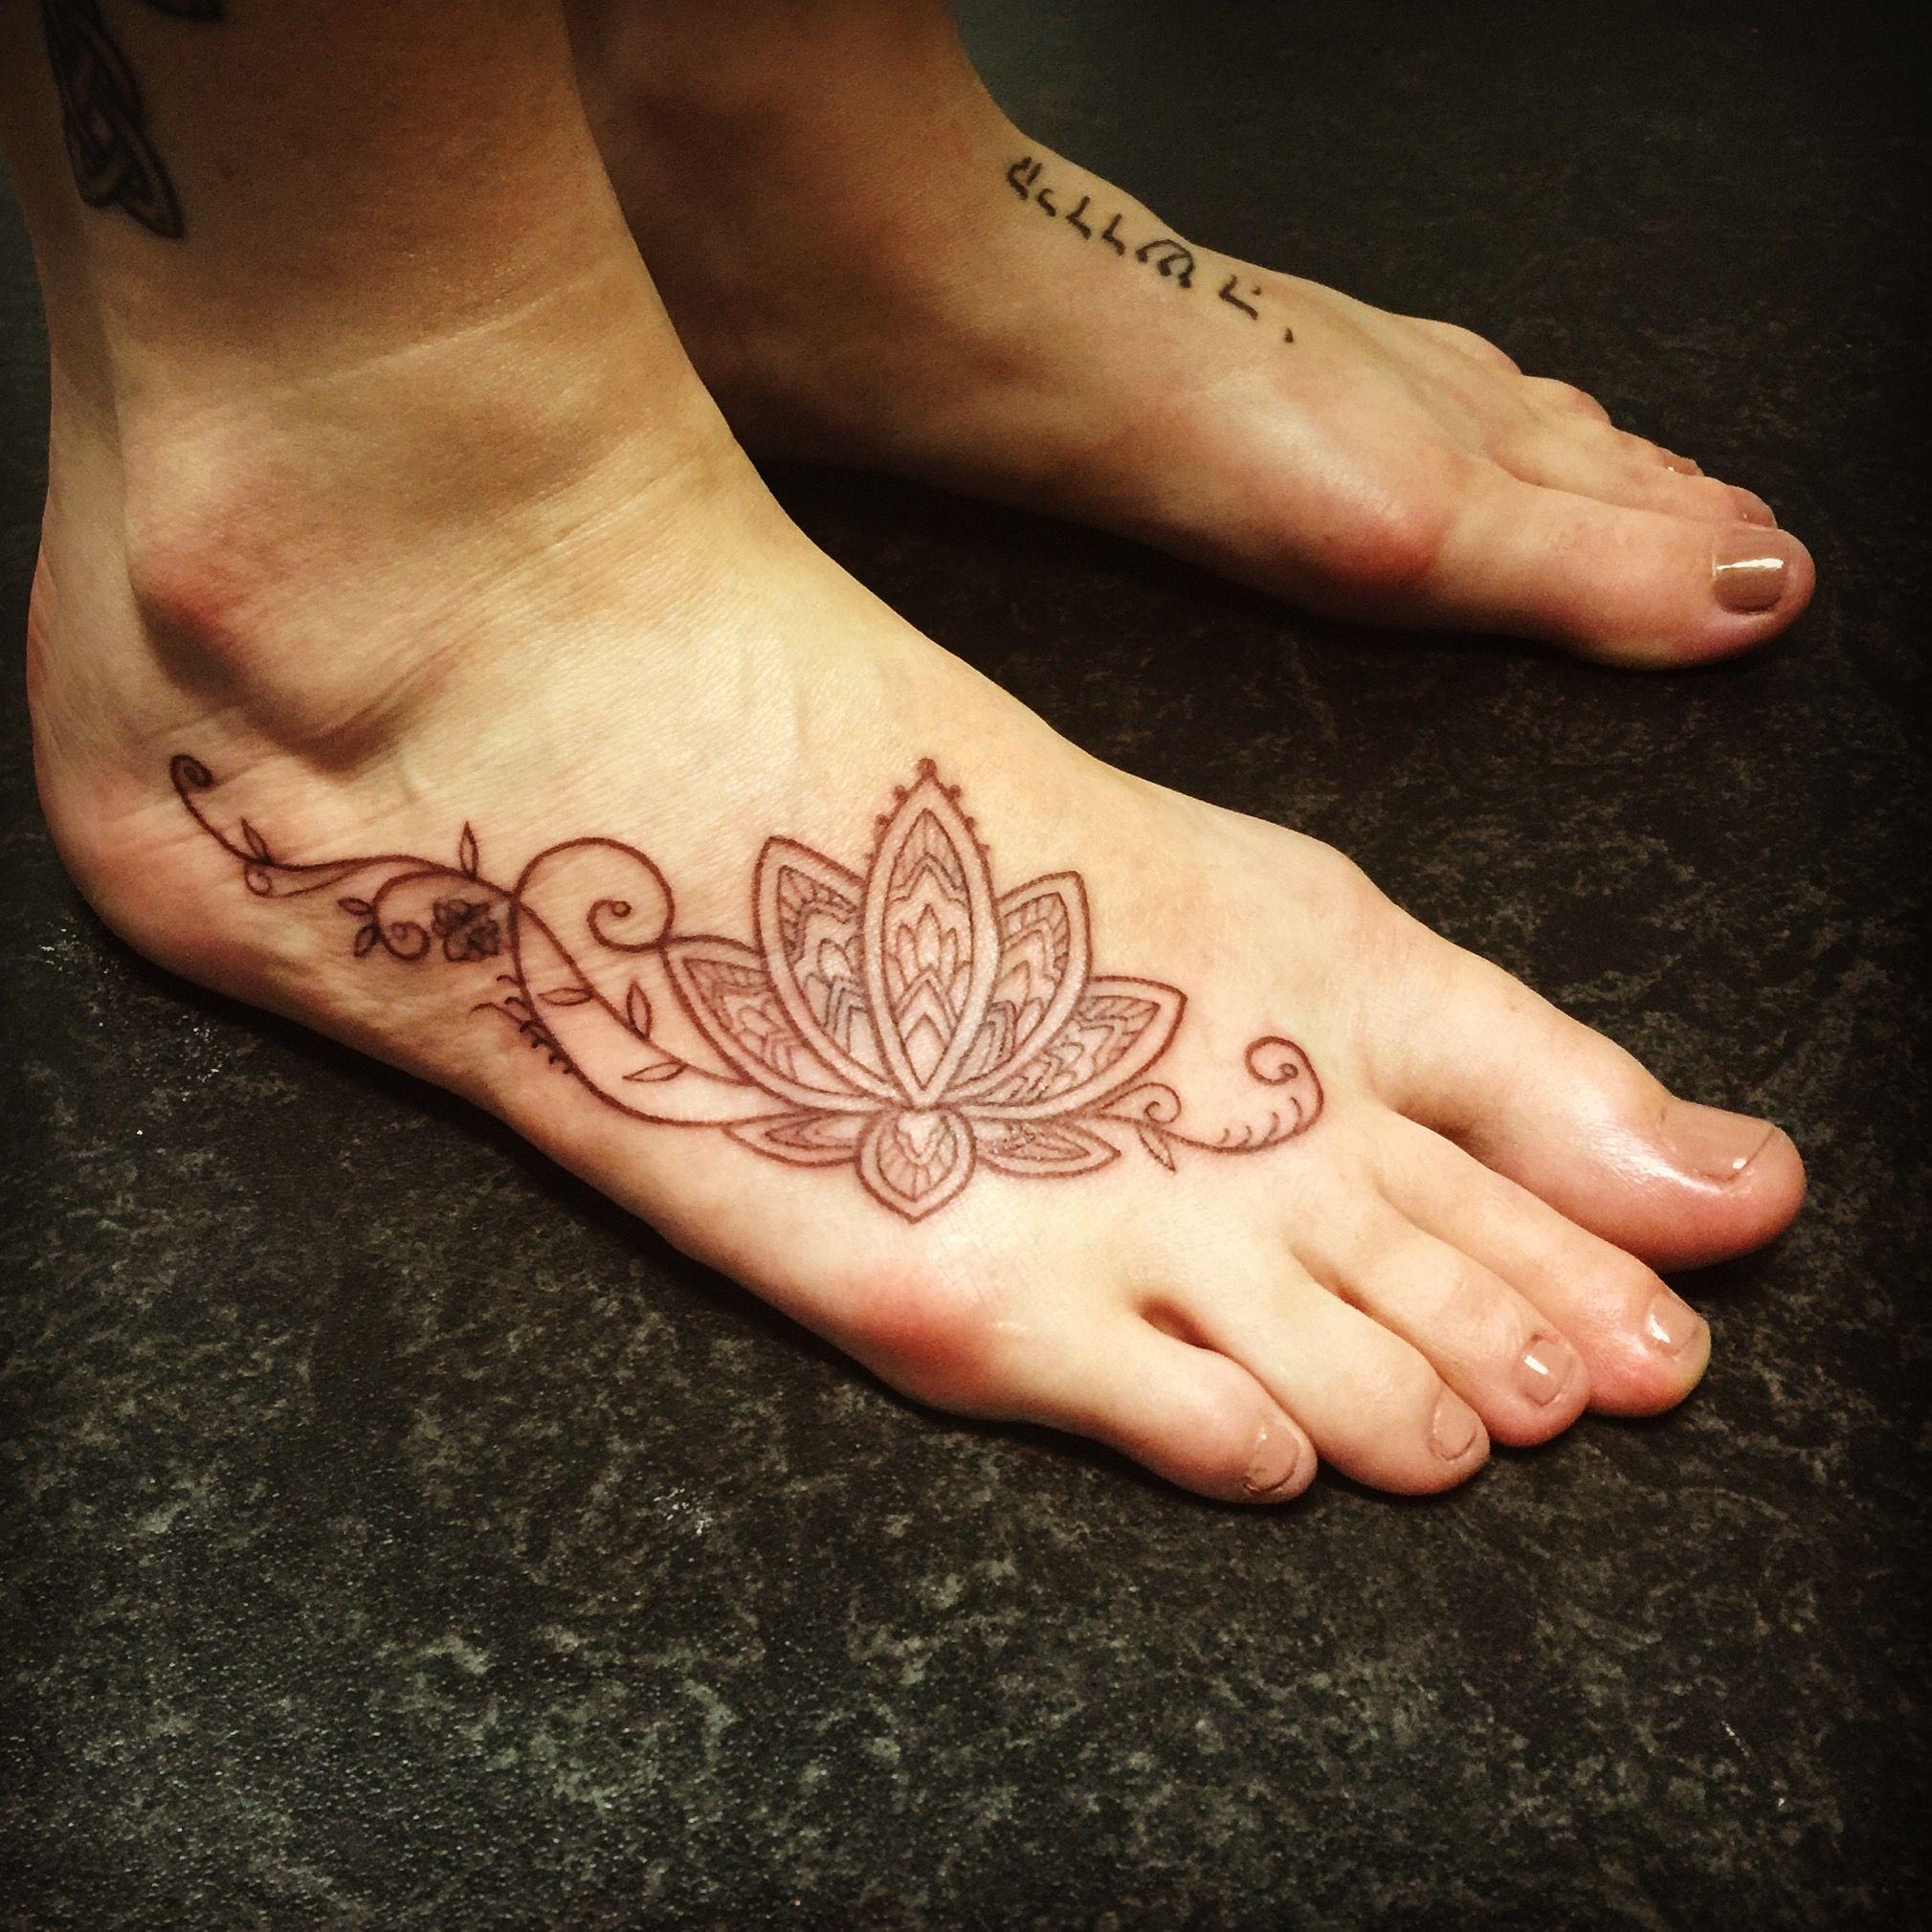 My New Lotus Foot Tattoo Flower Tattoo Foot Foot Henna Henna